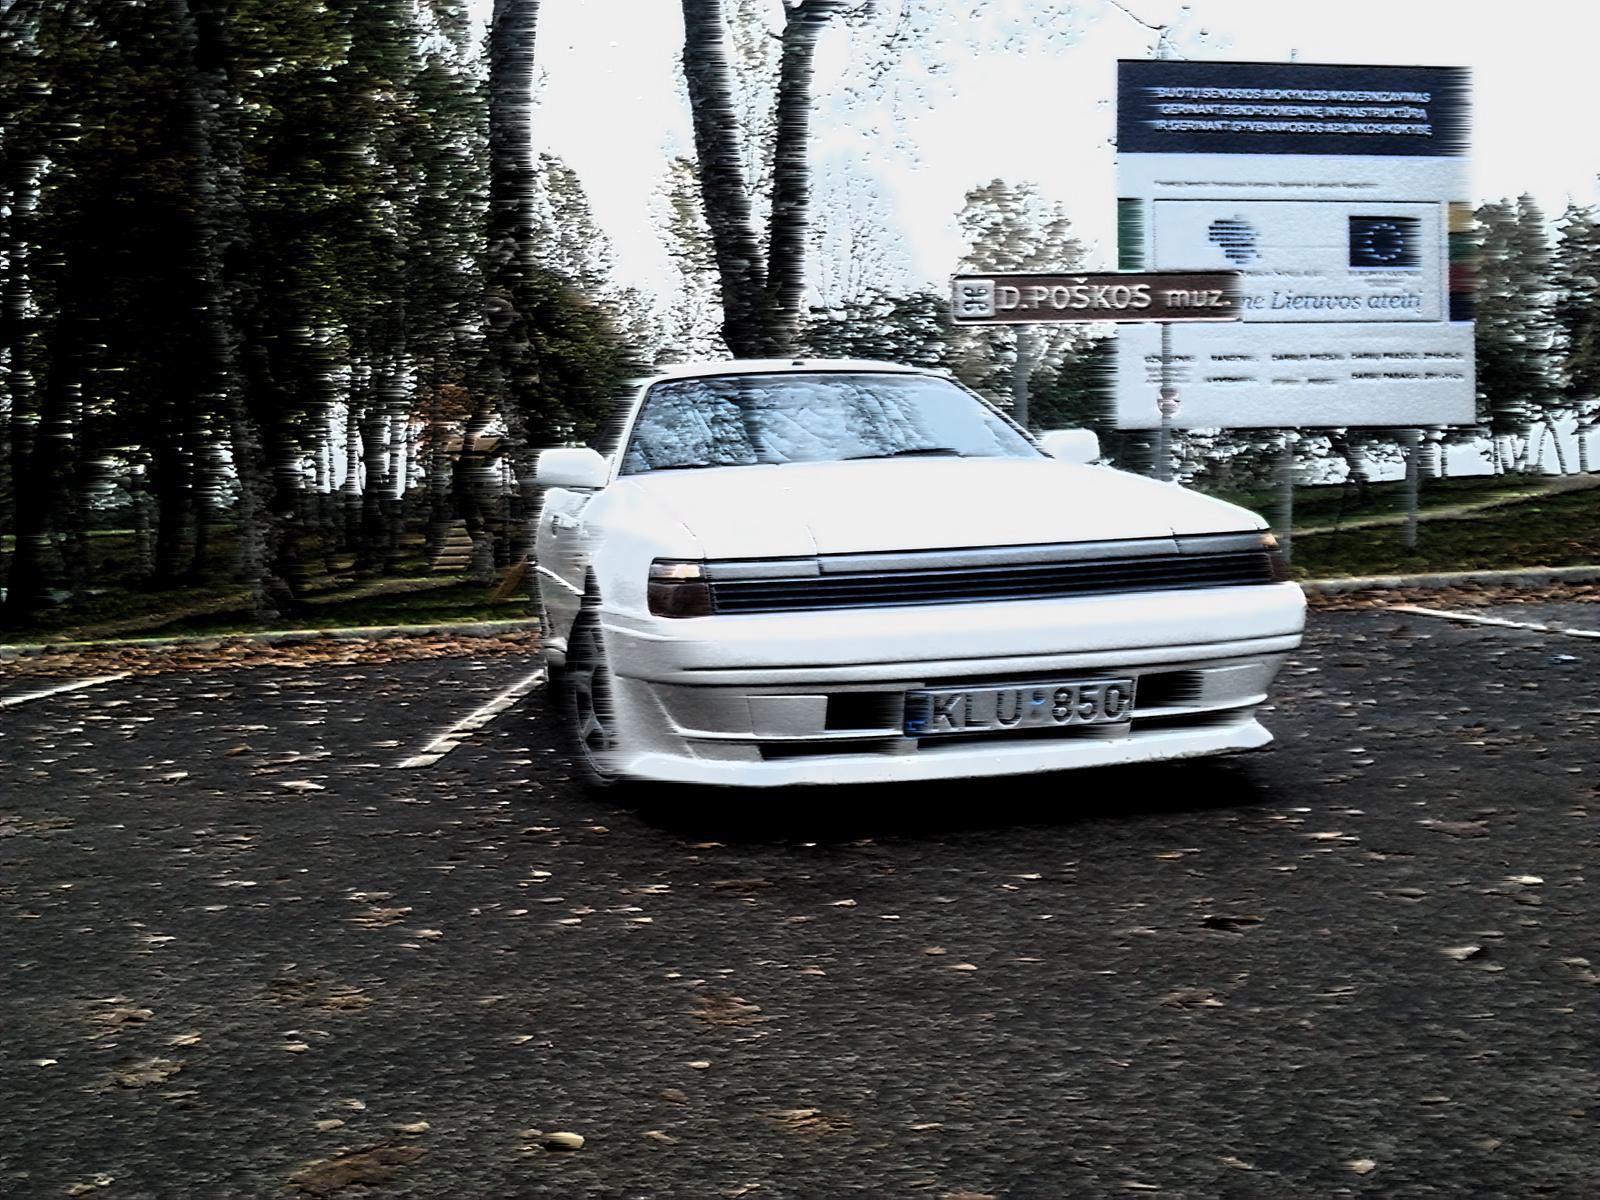 1988 Toyota Celica picture